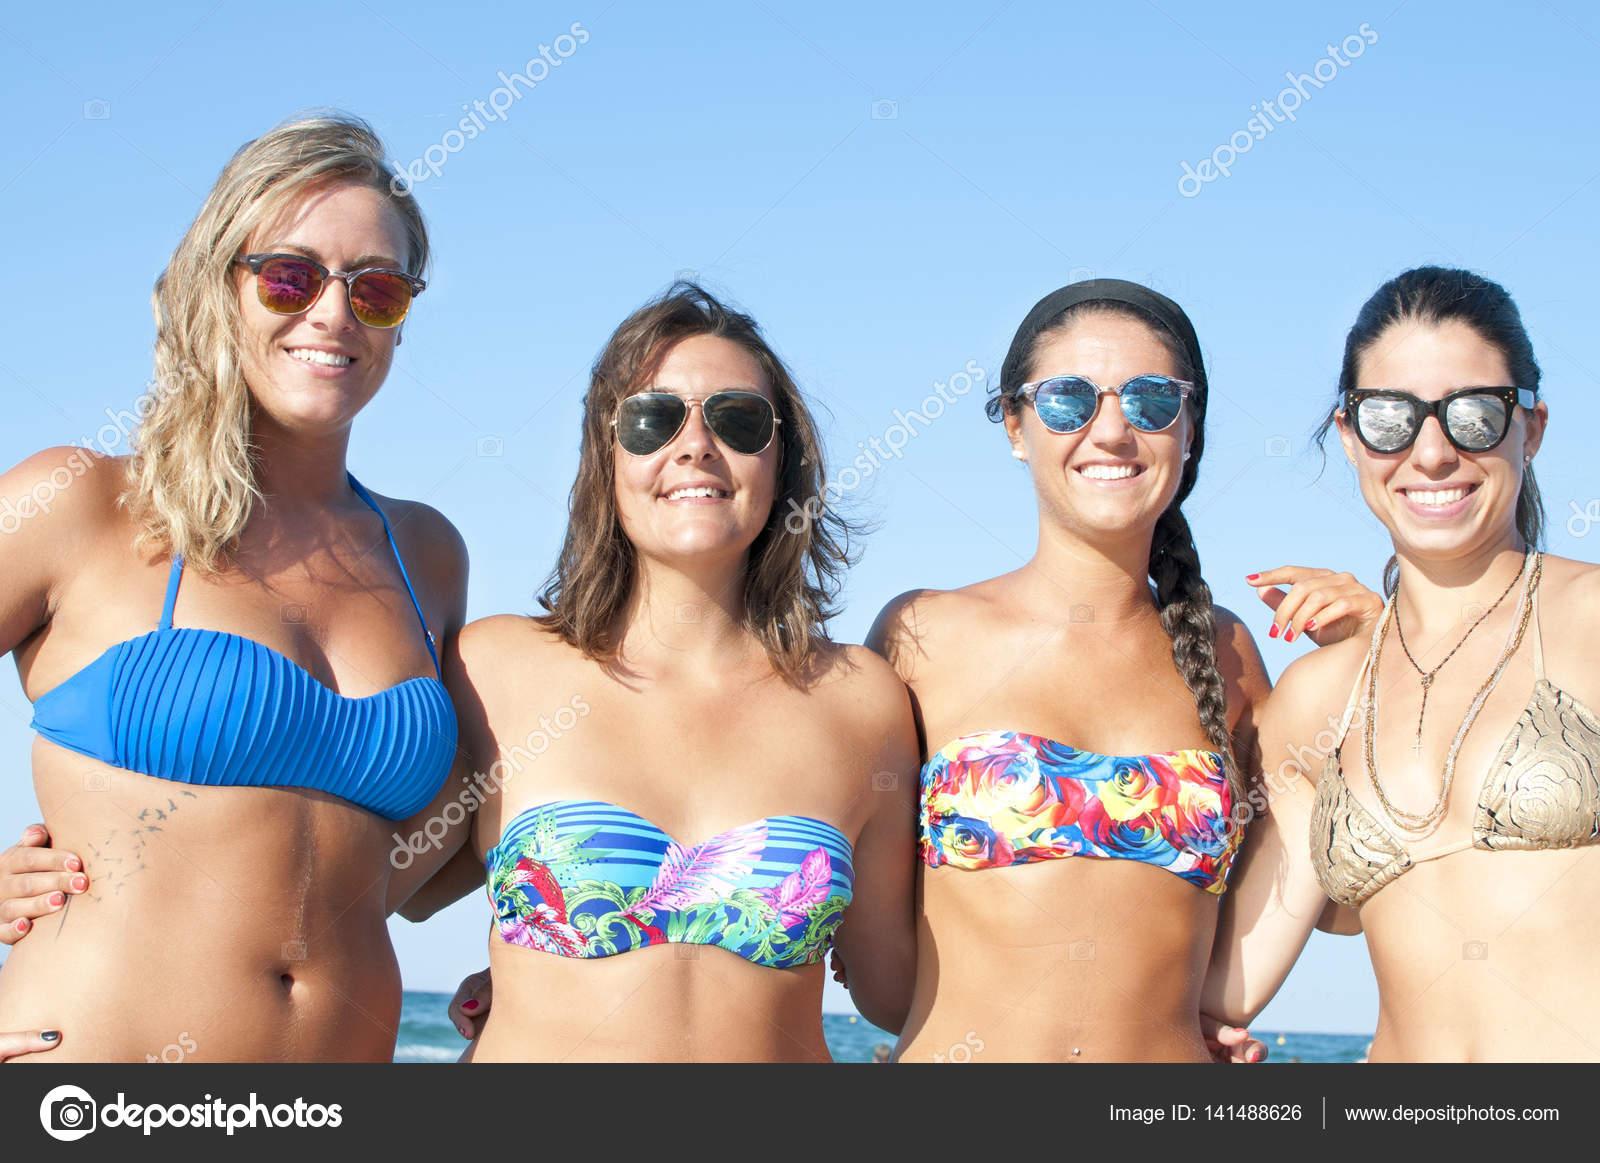 Fotos Chicas En Viquinis Grupo De Sonrientes Mujeres En